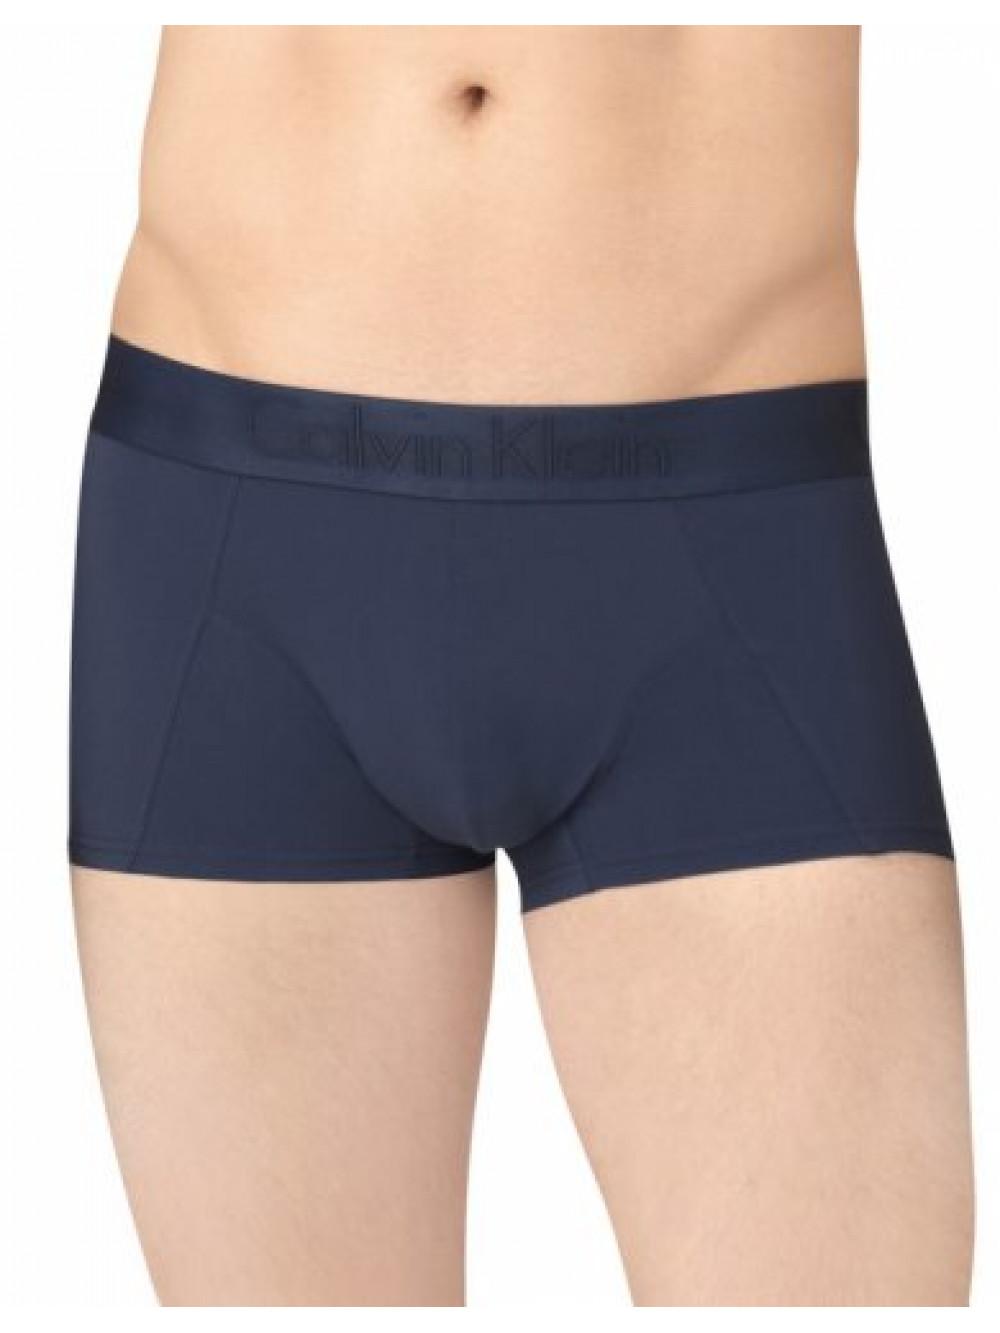 Herren Boxershorts Calvin Klein Black Micro Blau